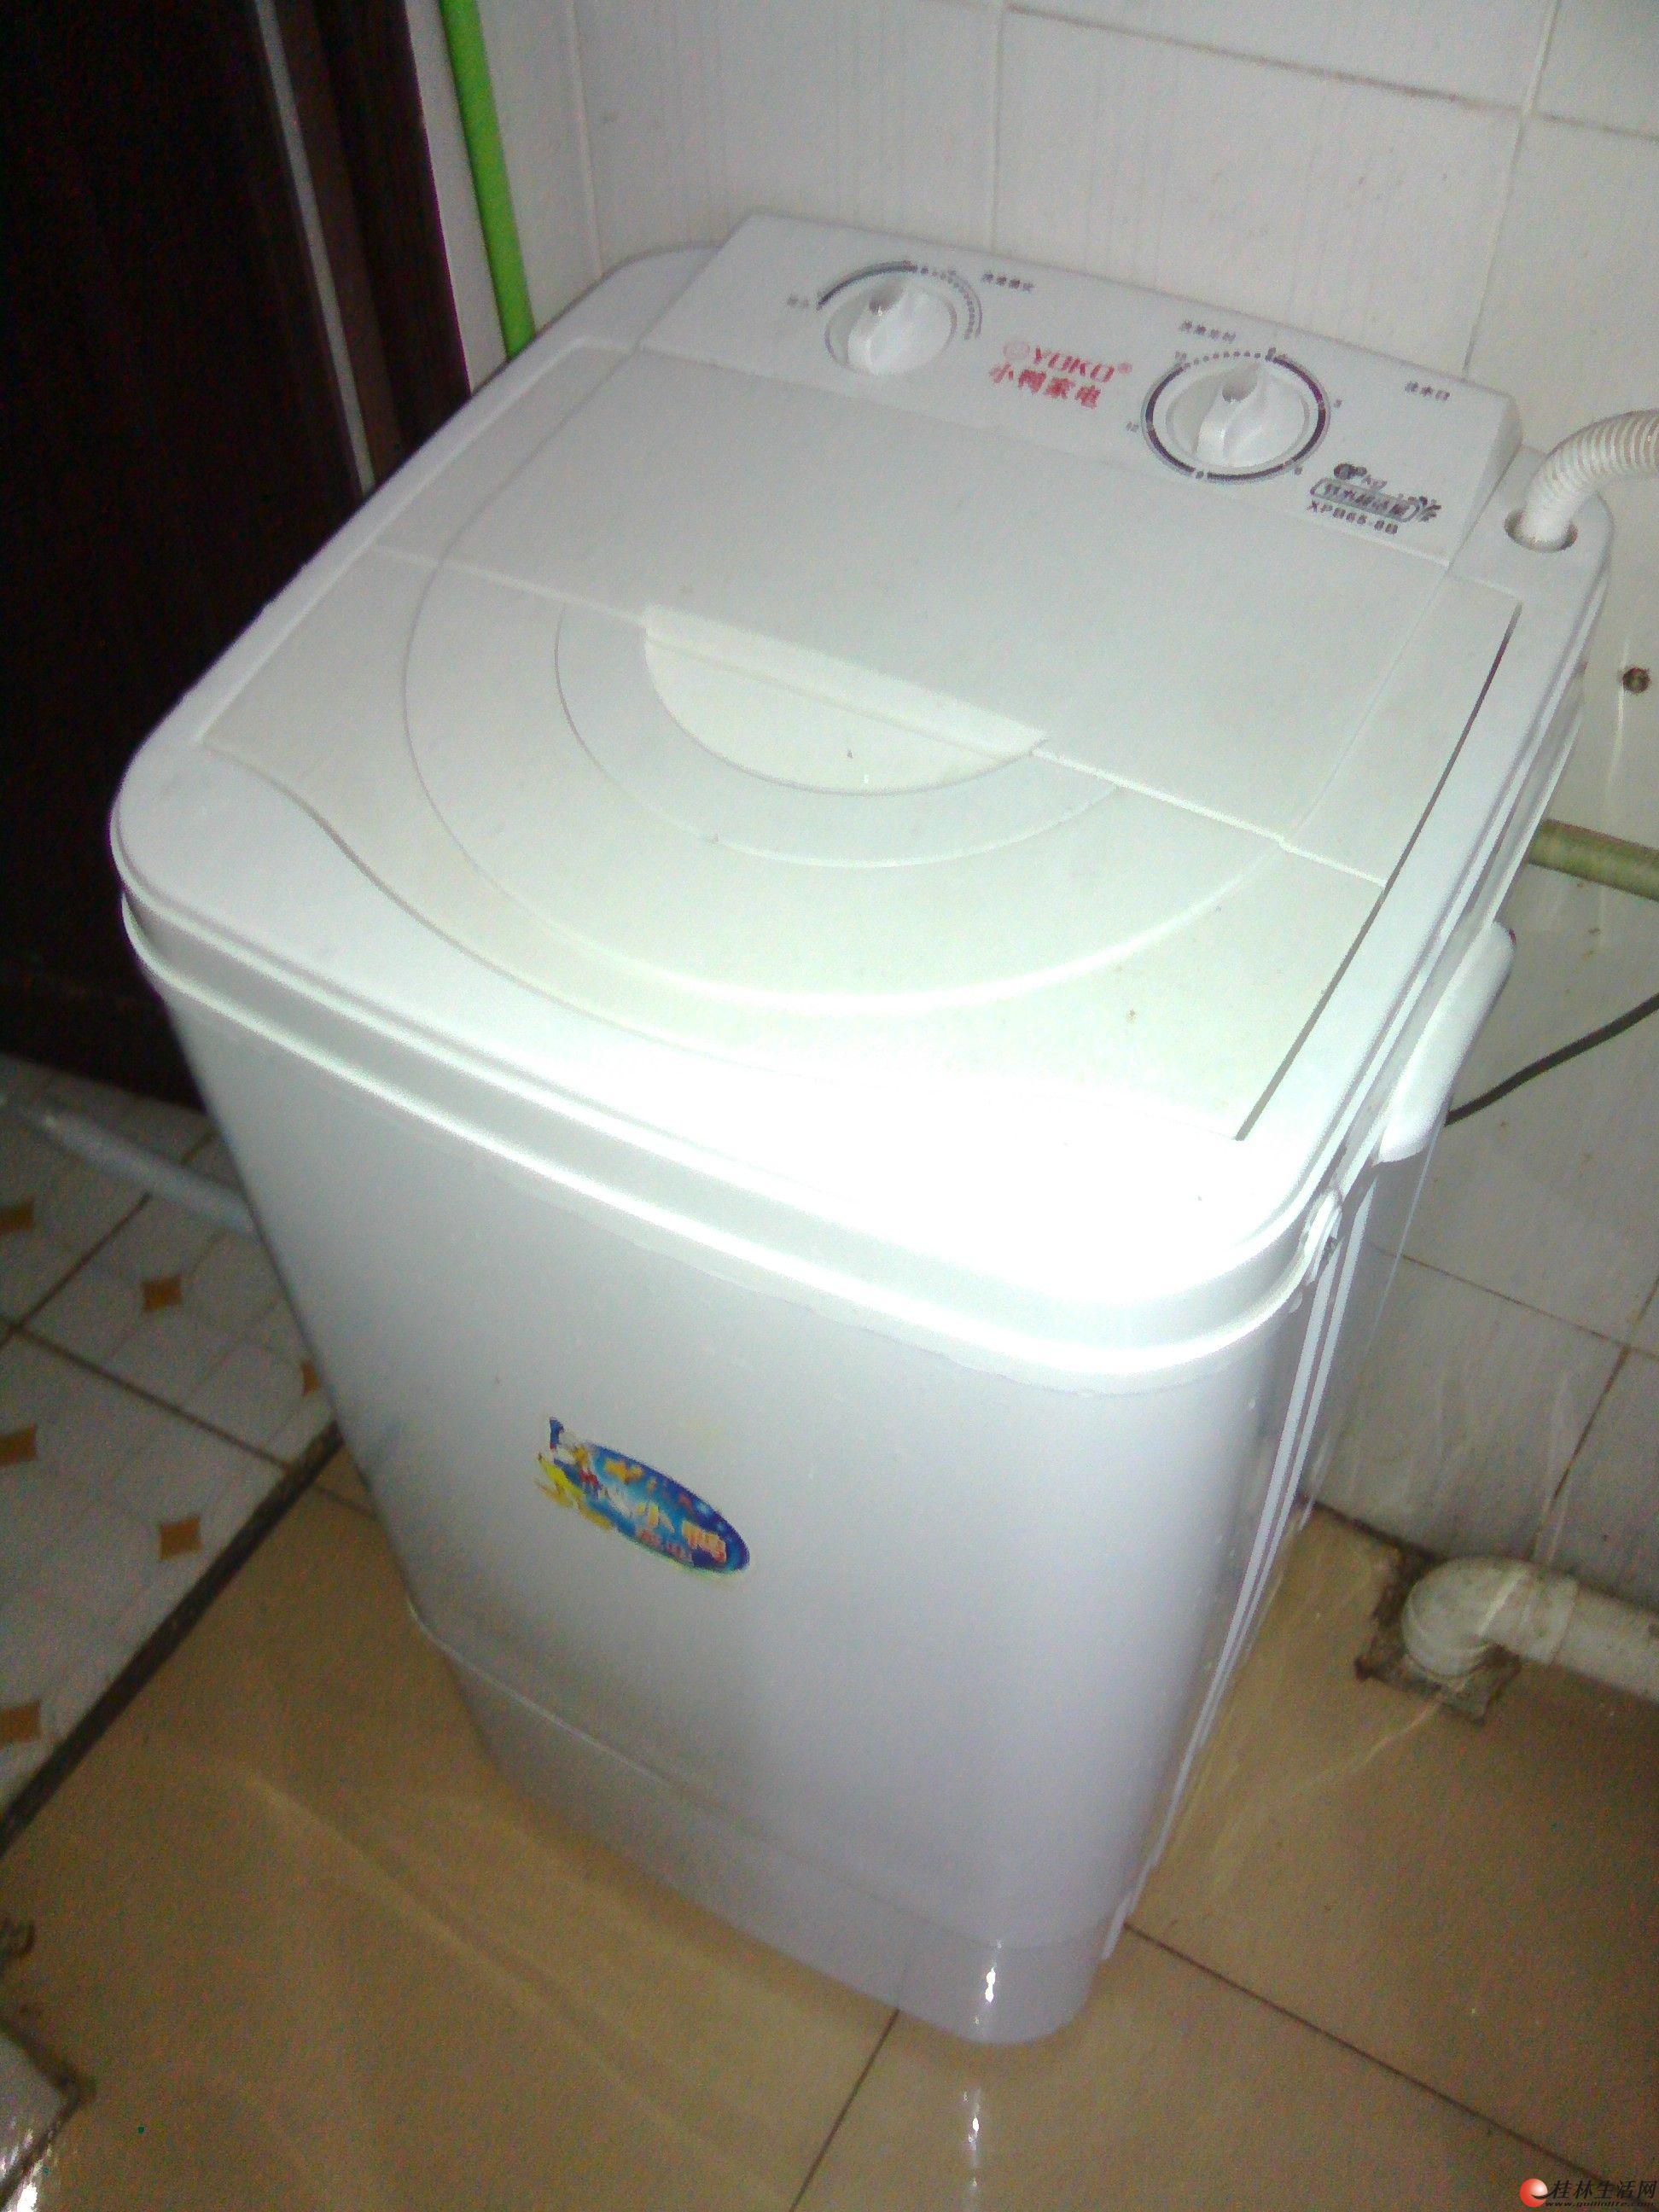 电脑桌 衣柜 洗衣机 电视机出售价格便宜 加入收藏